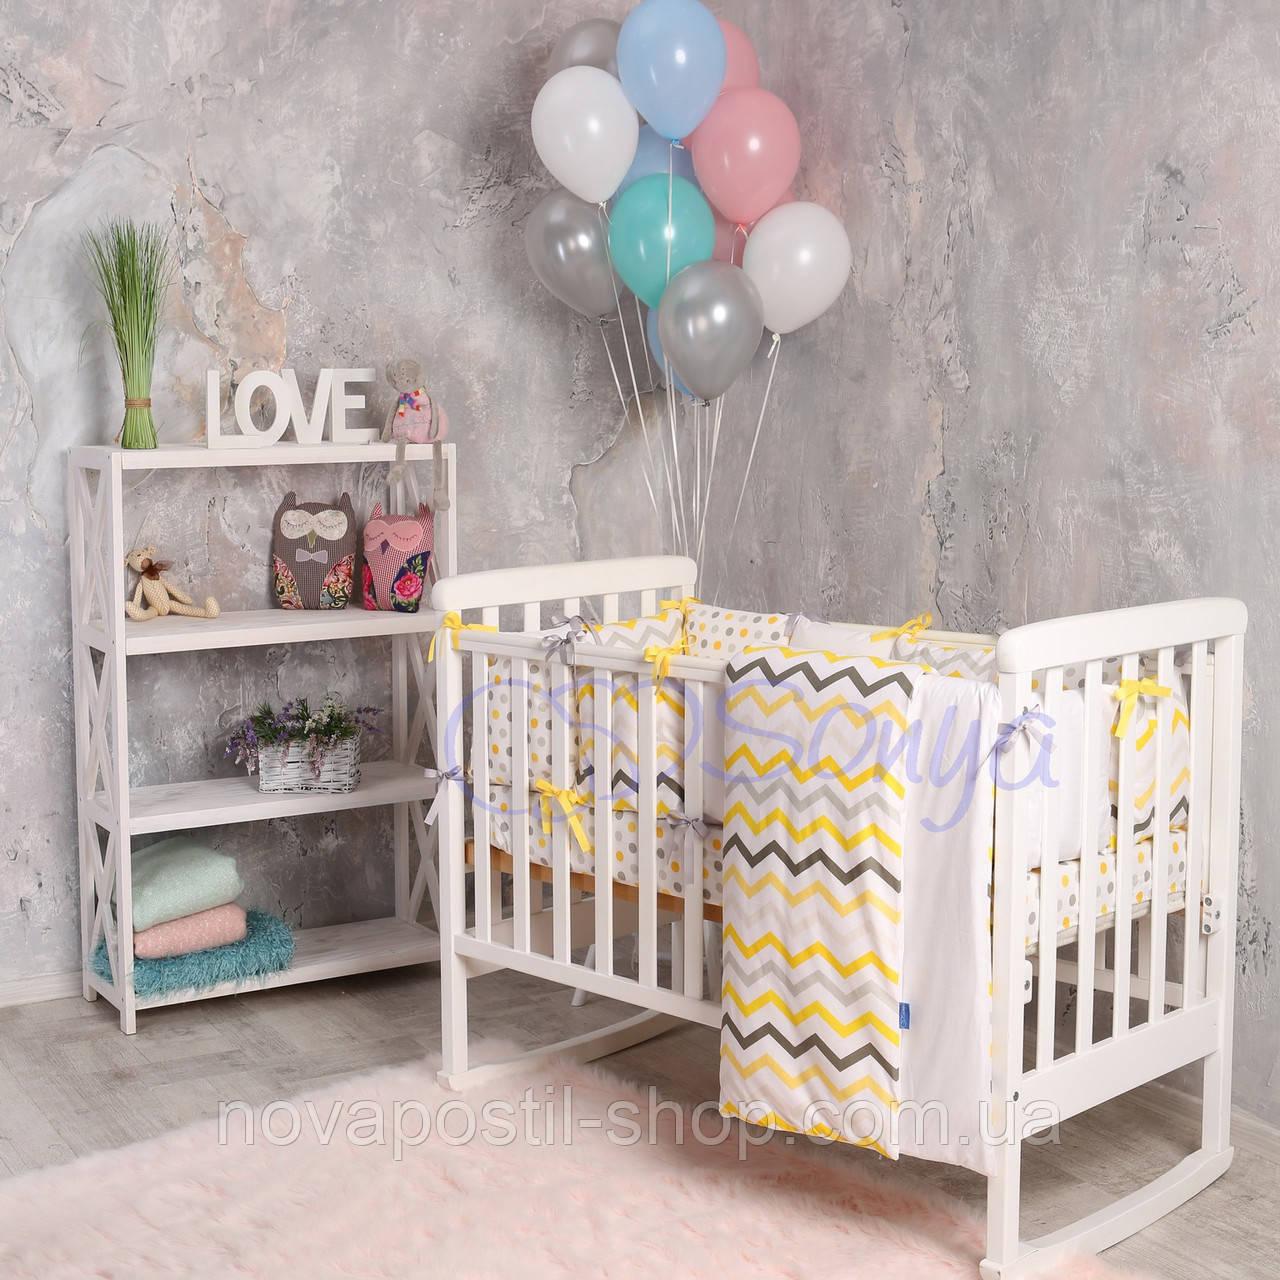 Набор в детскую кроватку Baby Design зигзаг серо-желтый (6 предметов)